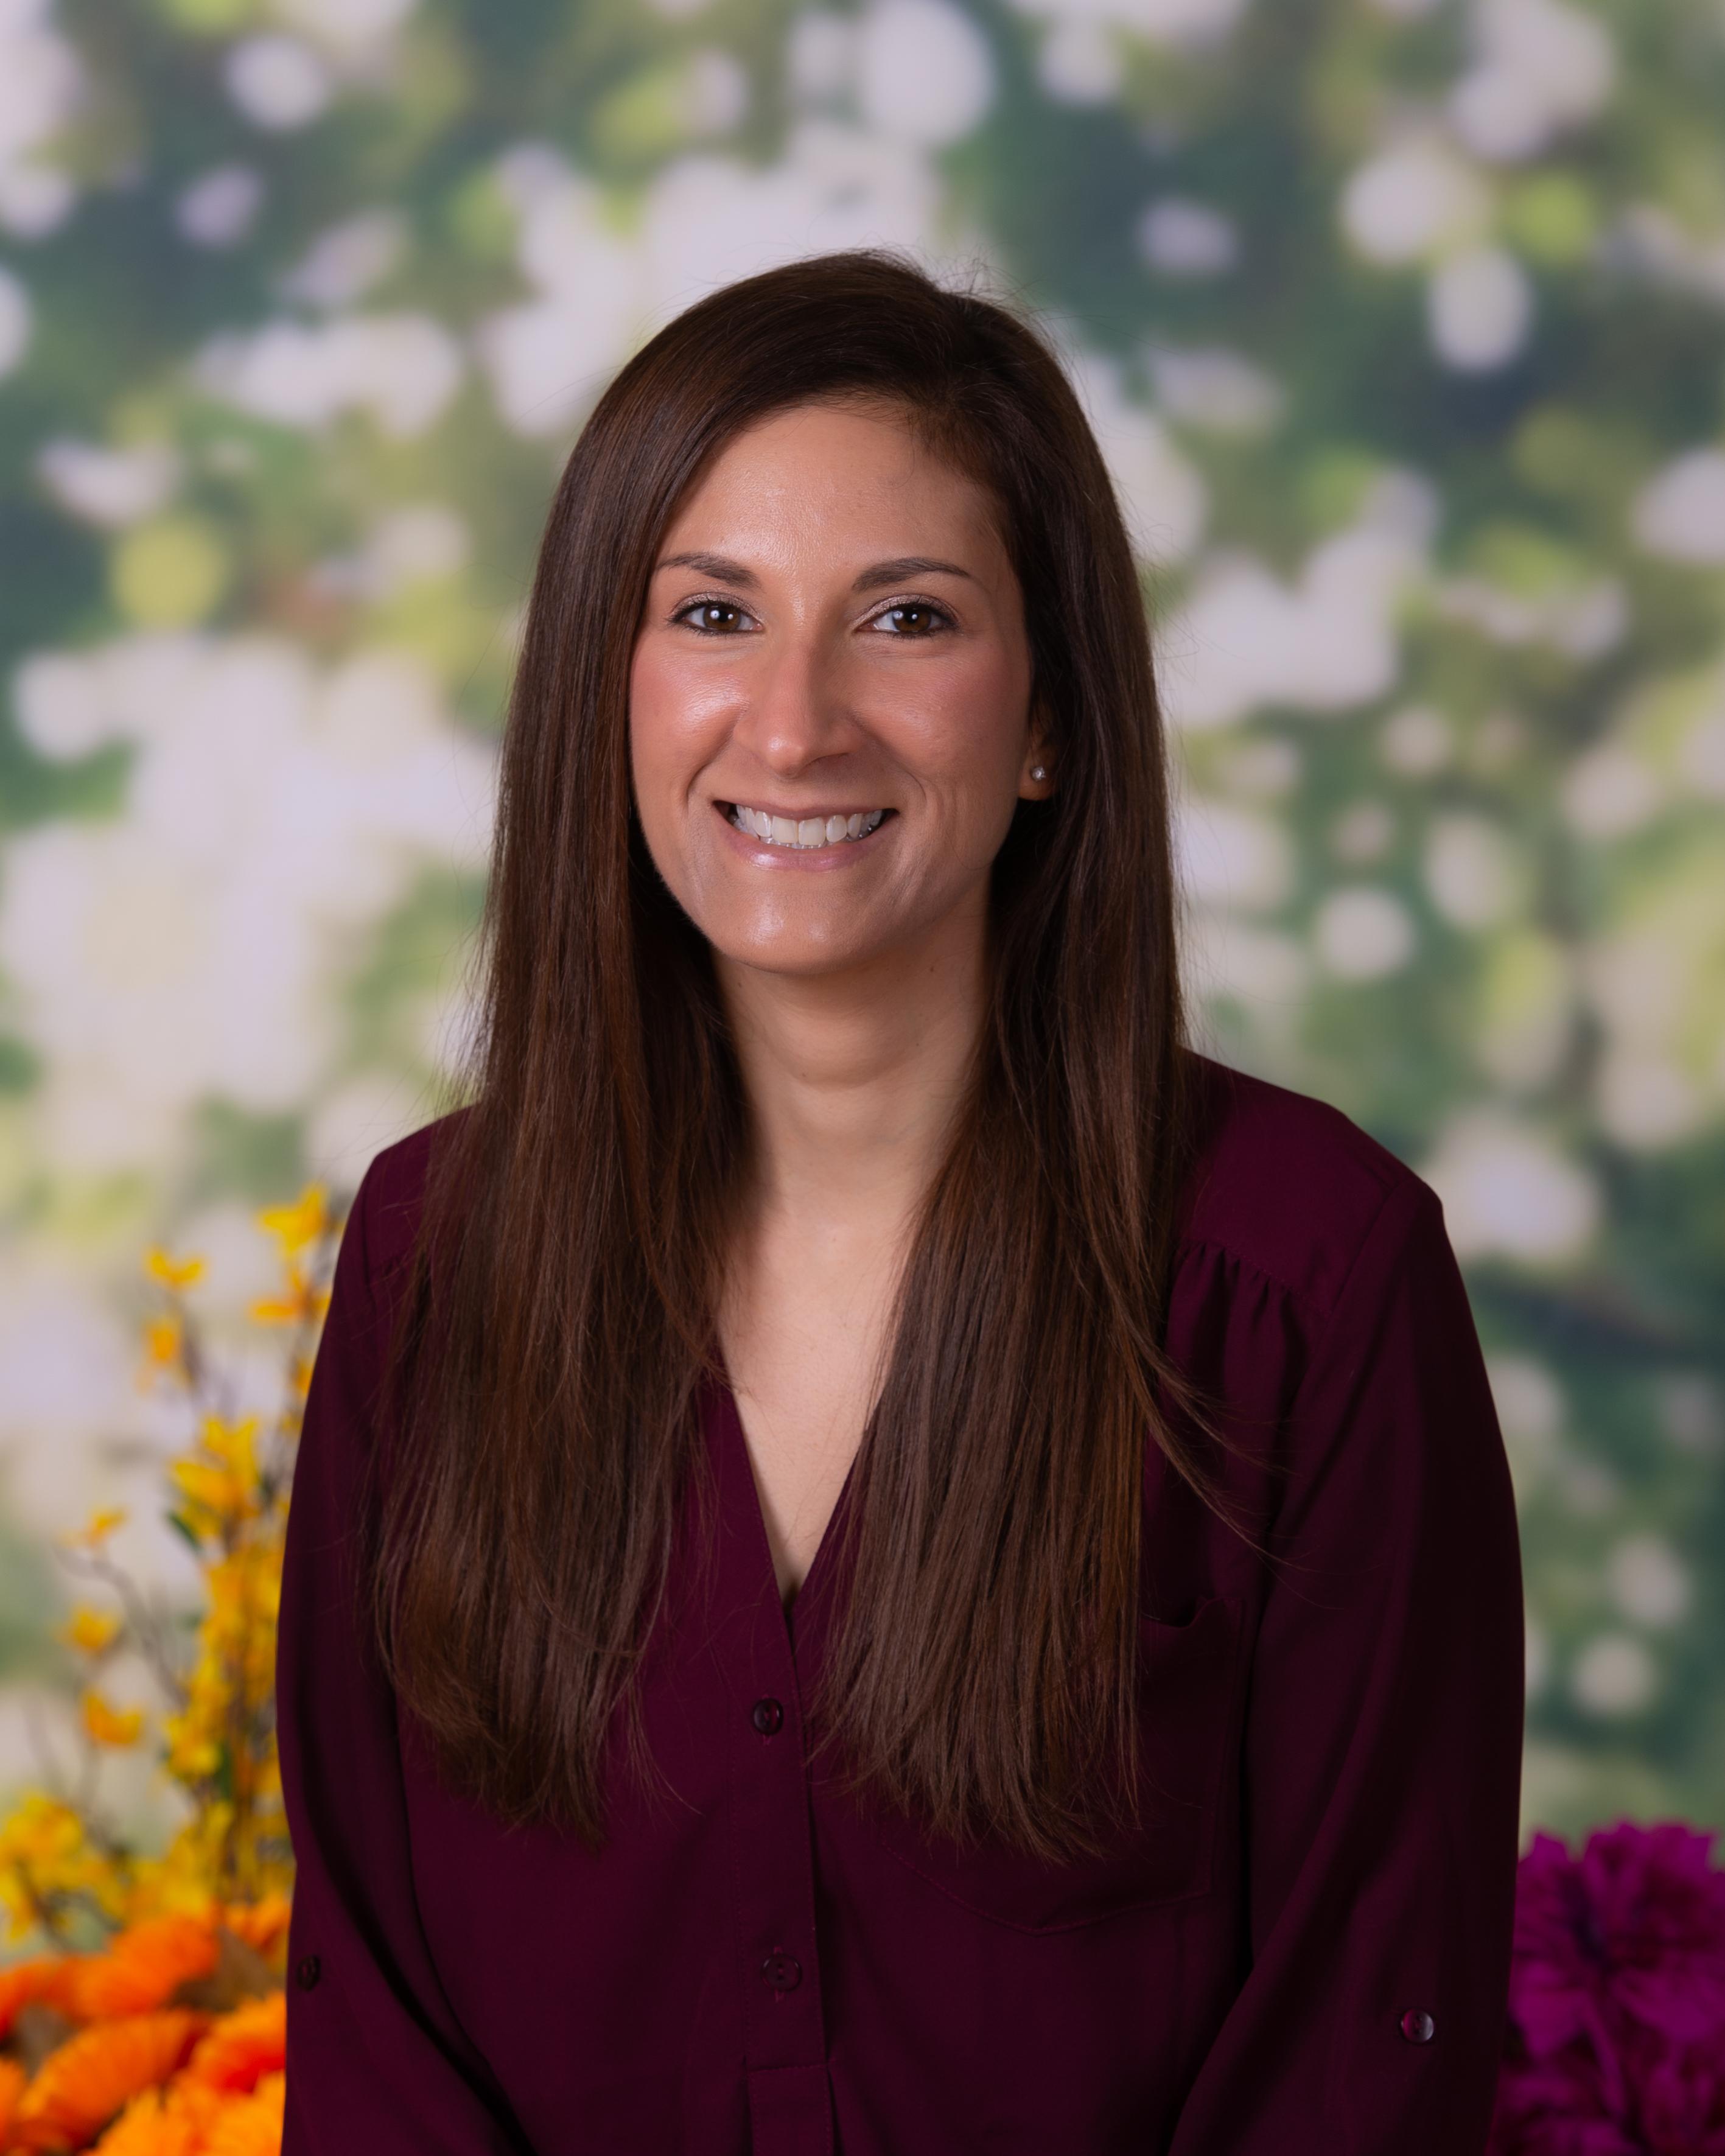 Amber Goetz building staff directory / welcome